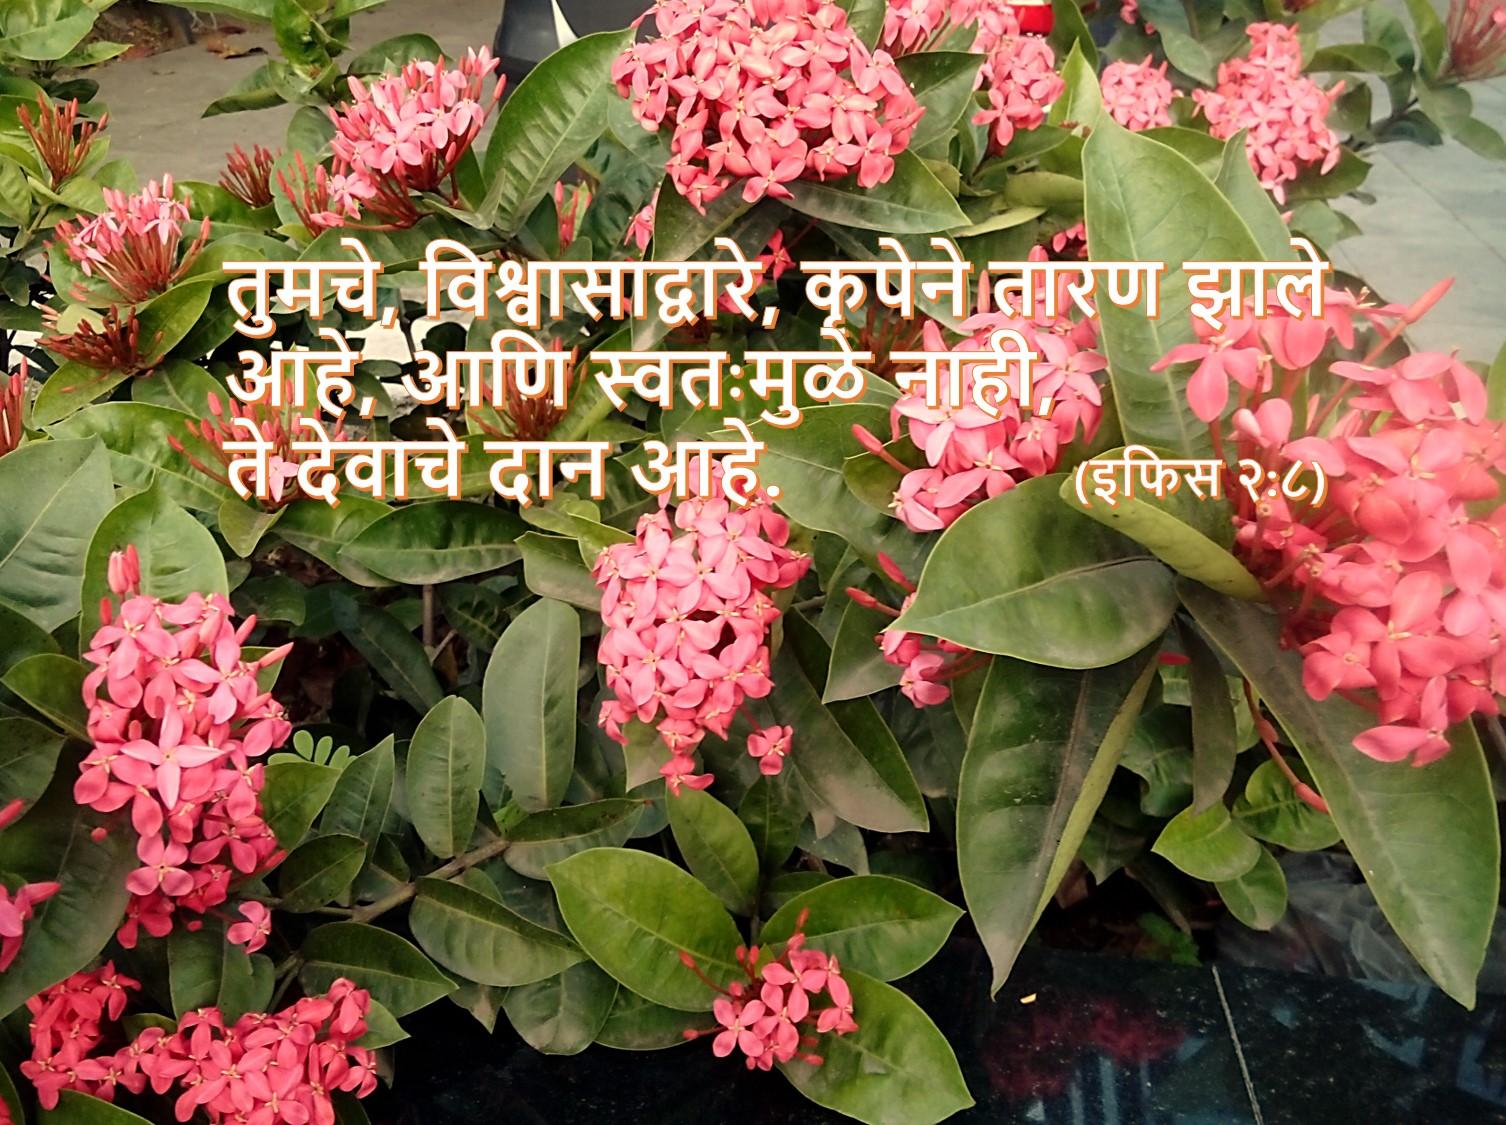 Ephesians nava karar marathi new testament wallpaper eph 2 8 izmirmasajfo